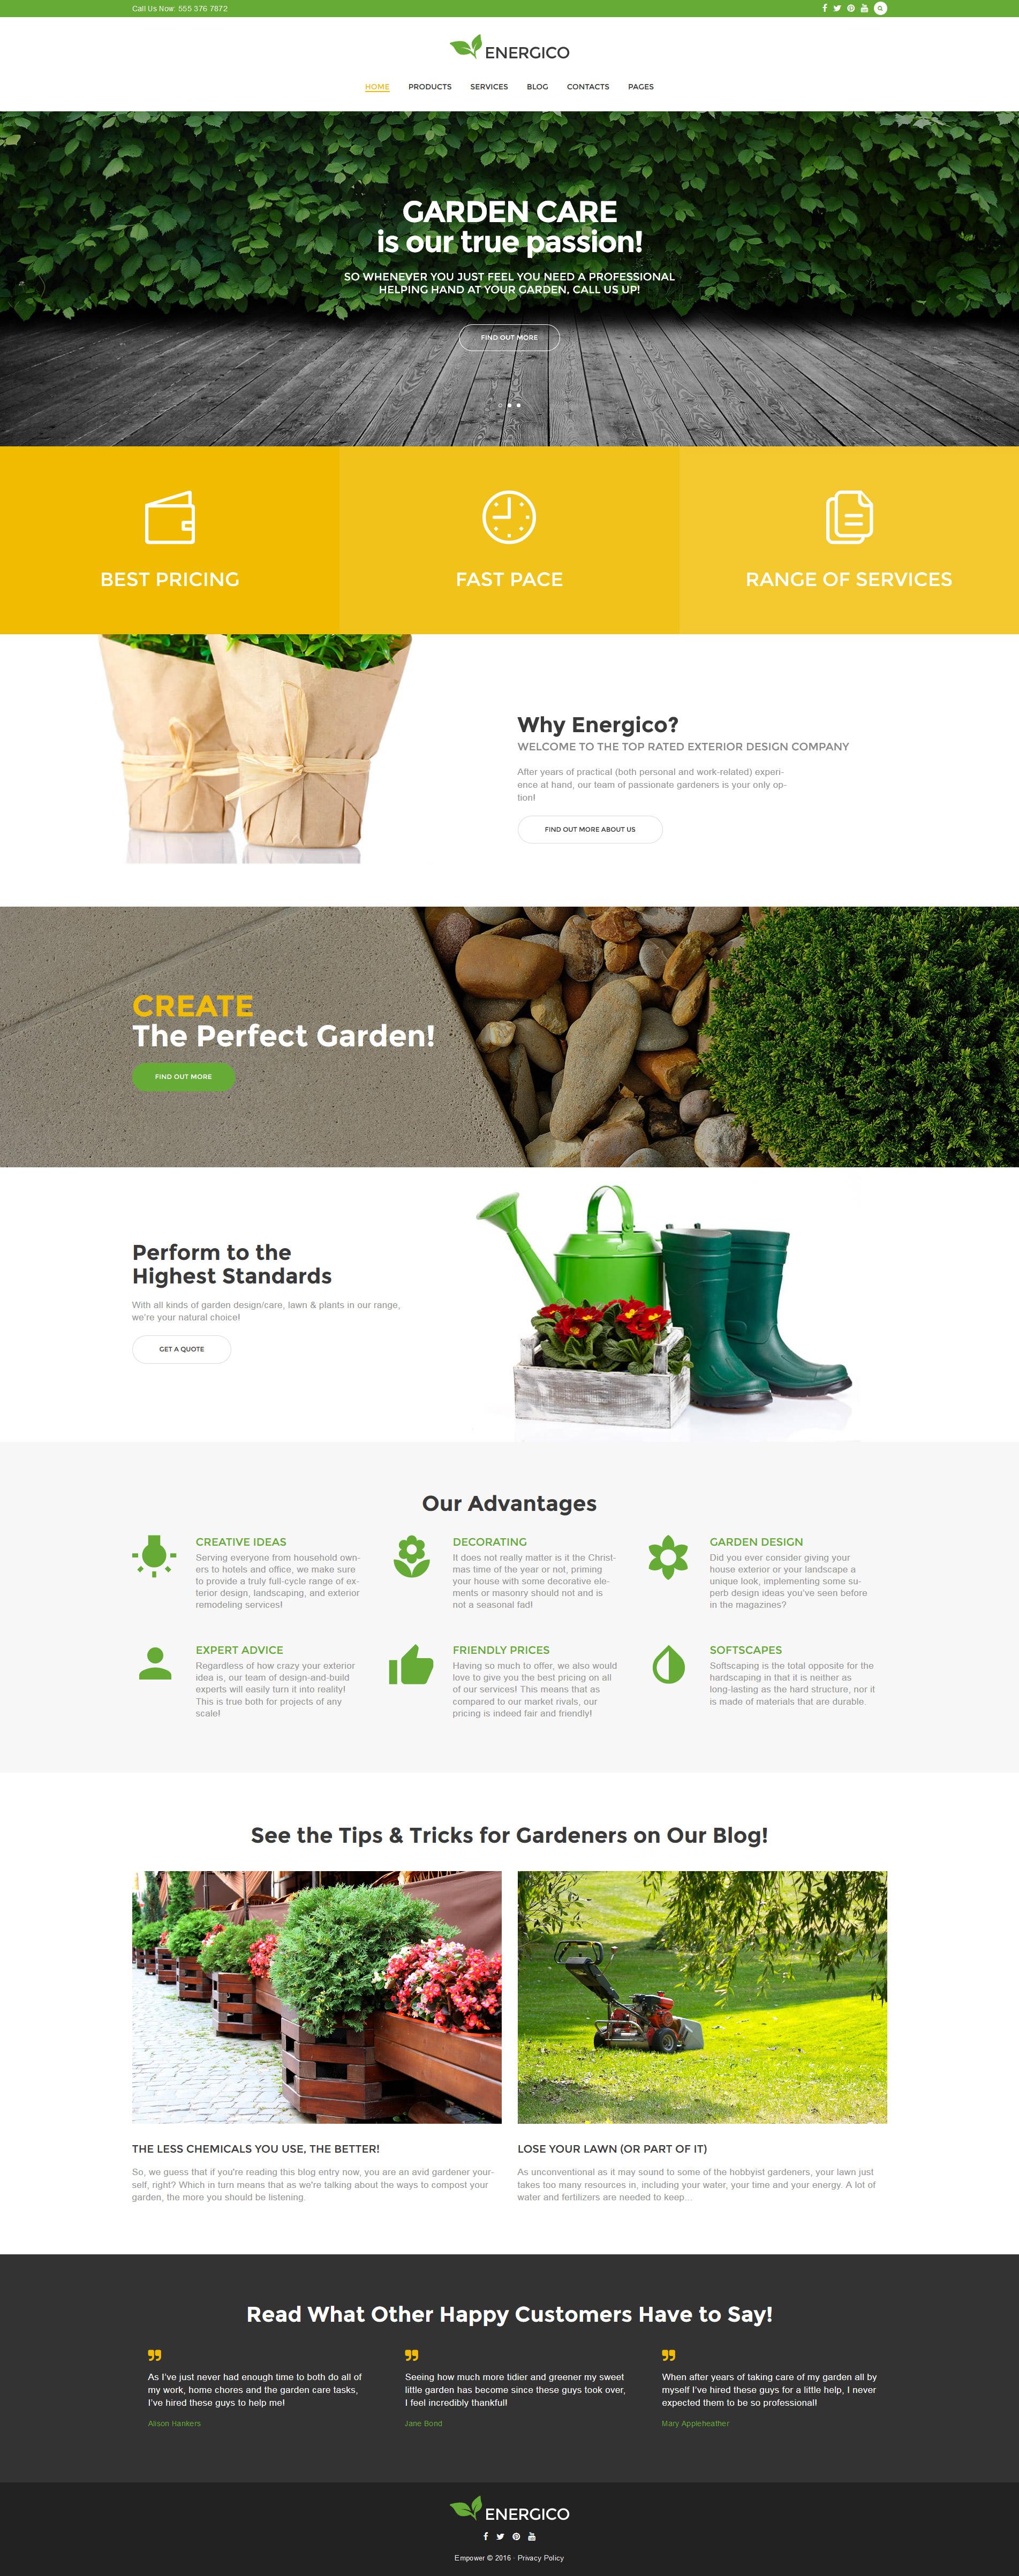 Energico - Демонстрация сайта по садоводству №58976 - скриншот